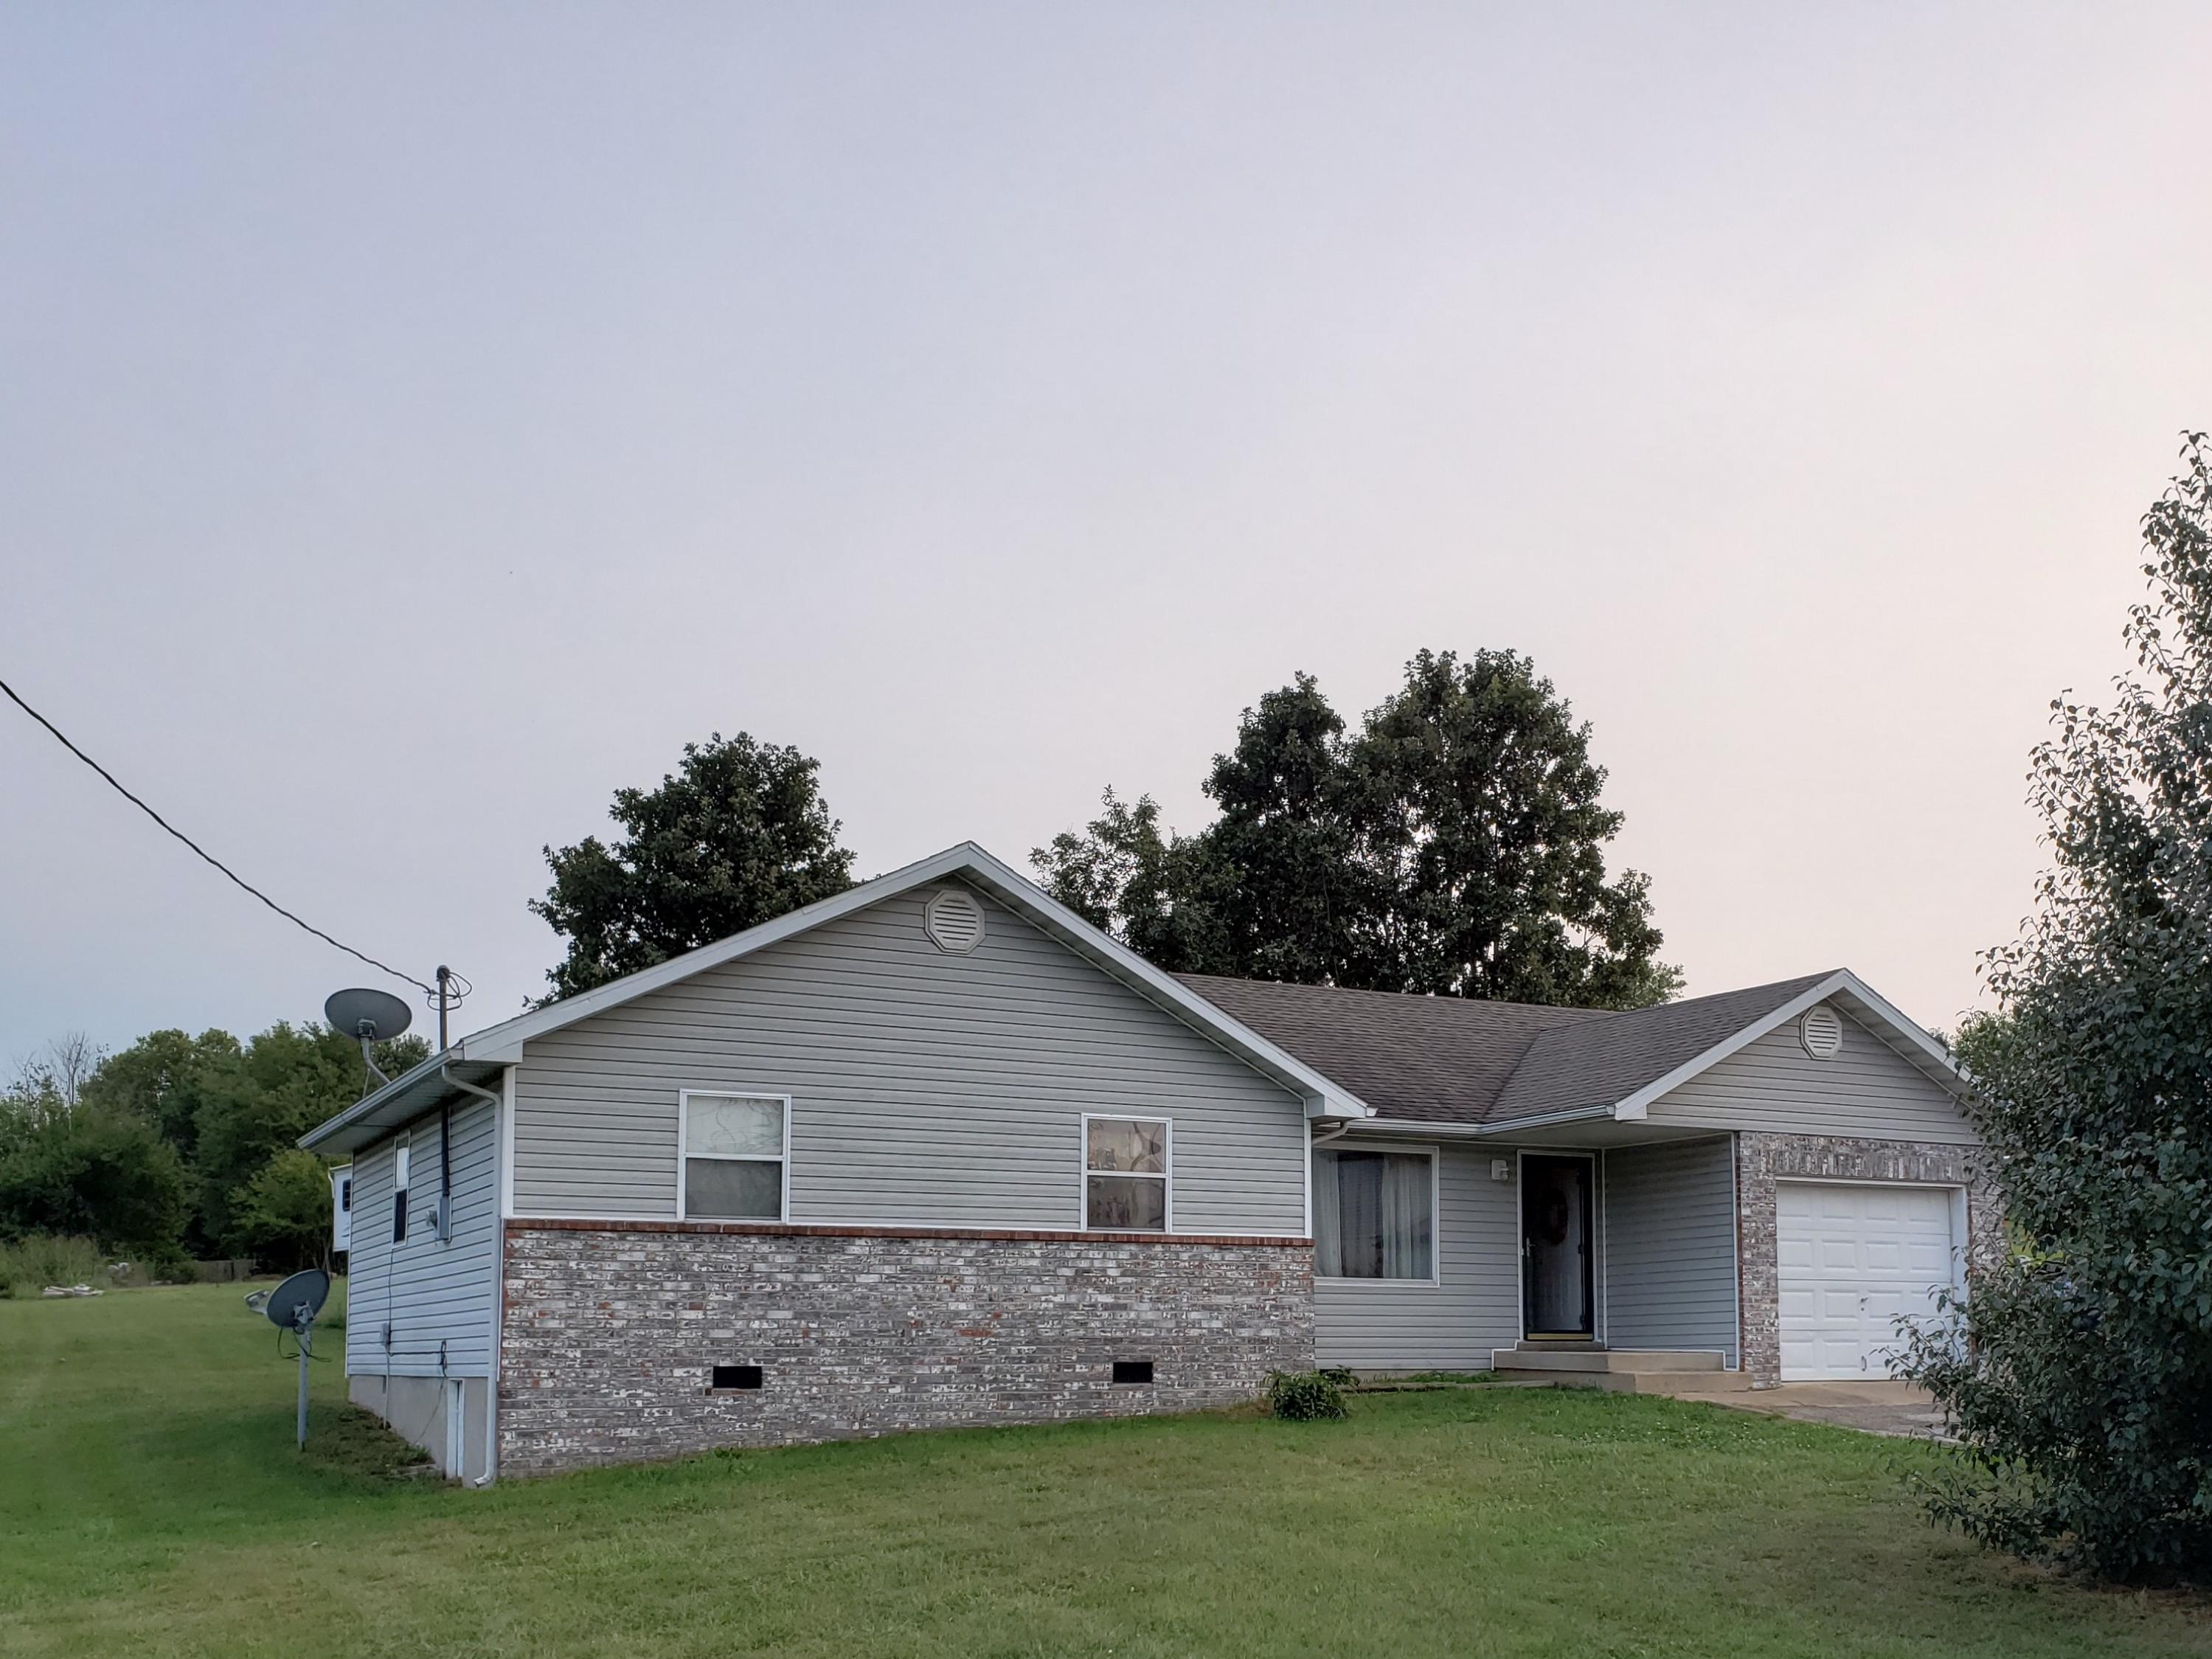 150 East Chestnut, Fair Grove, Missouri 65648